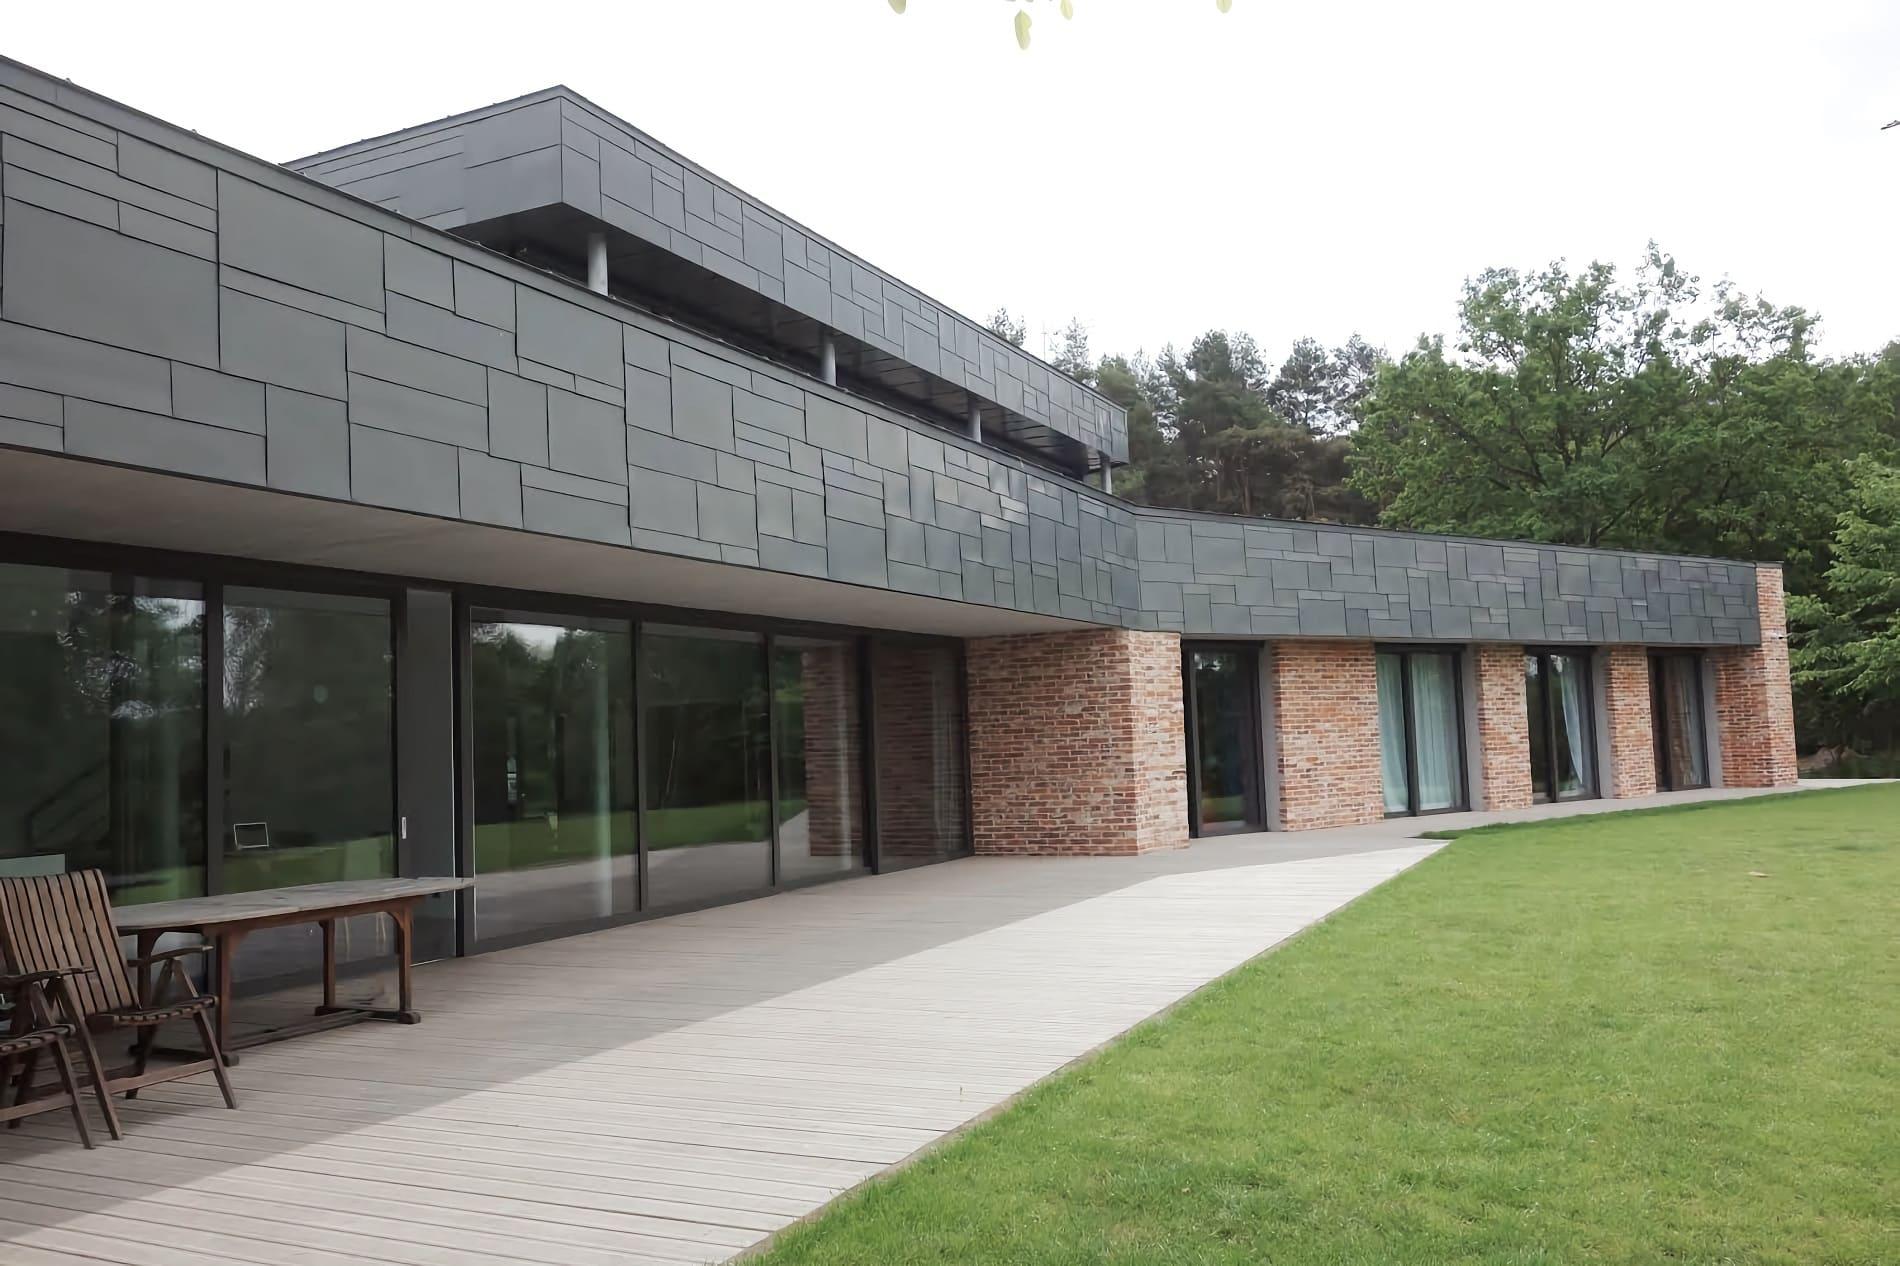 projekt architektoniczny wnętrza rezydencja pod Wrocławiem - projektowanie wnętrz Prima Wrocław (2)